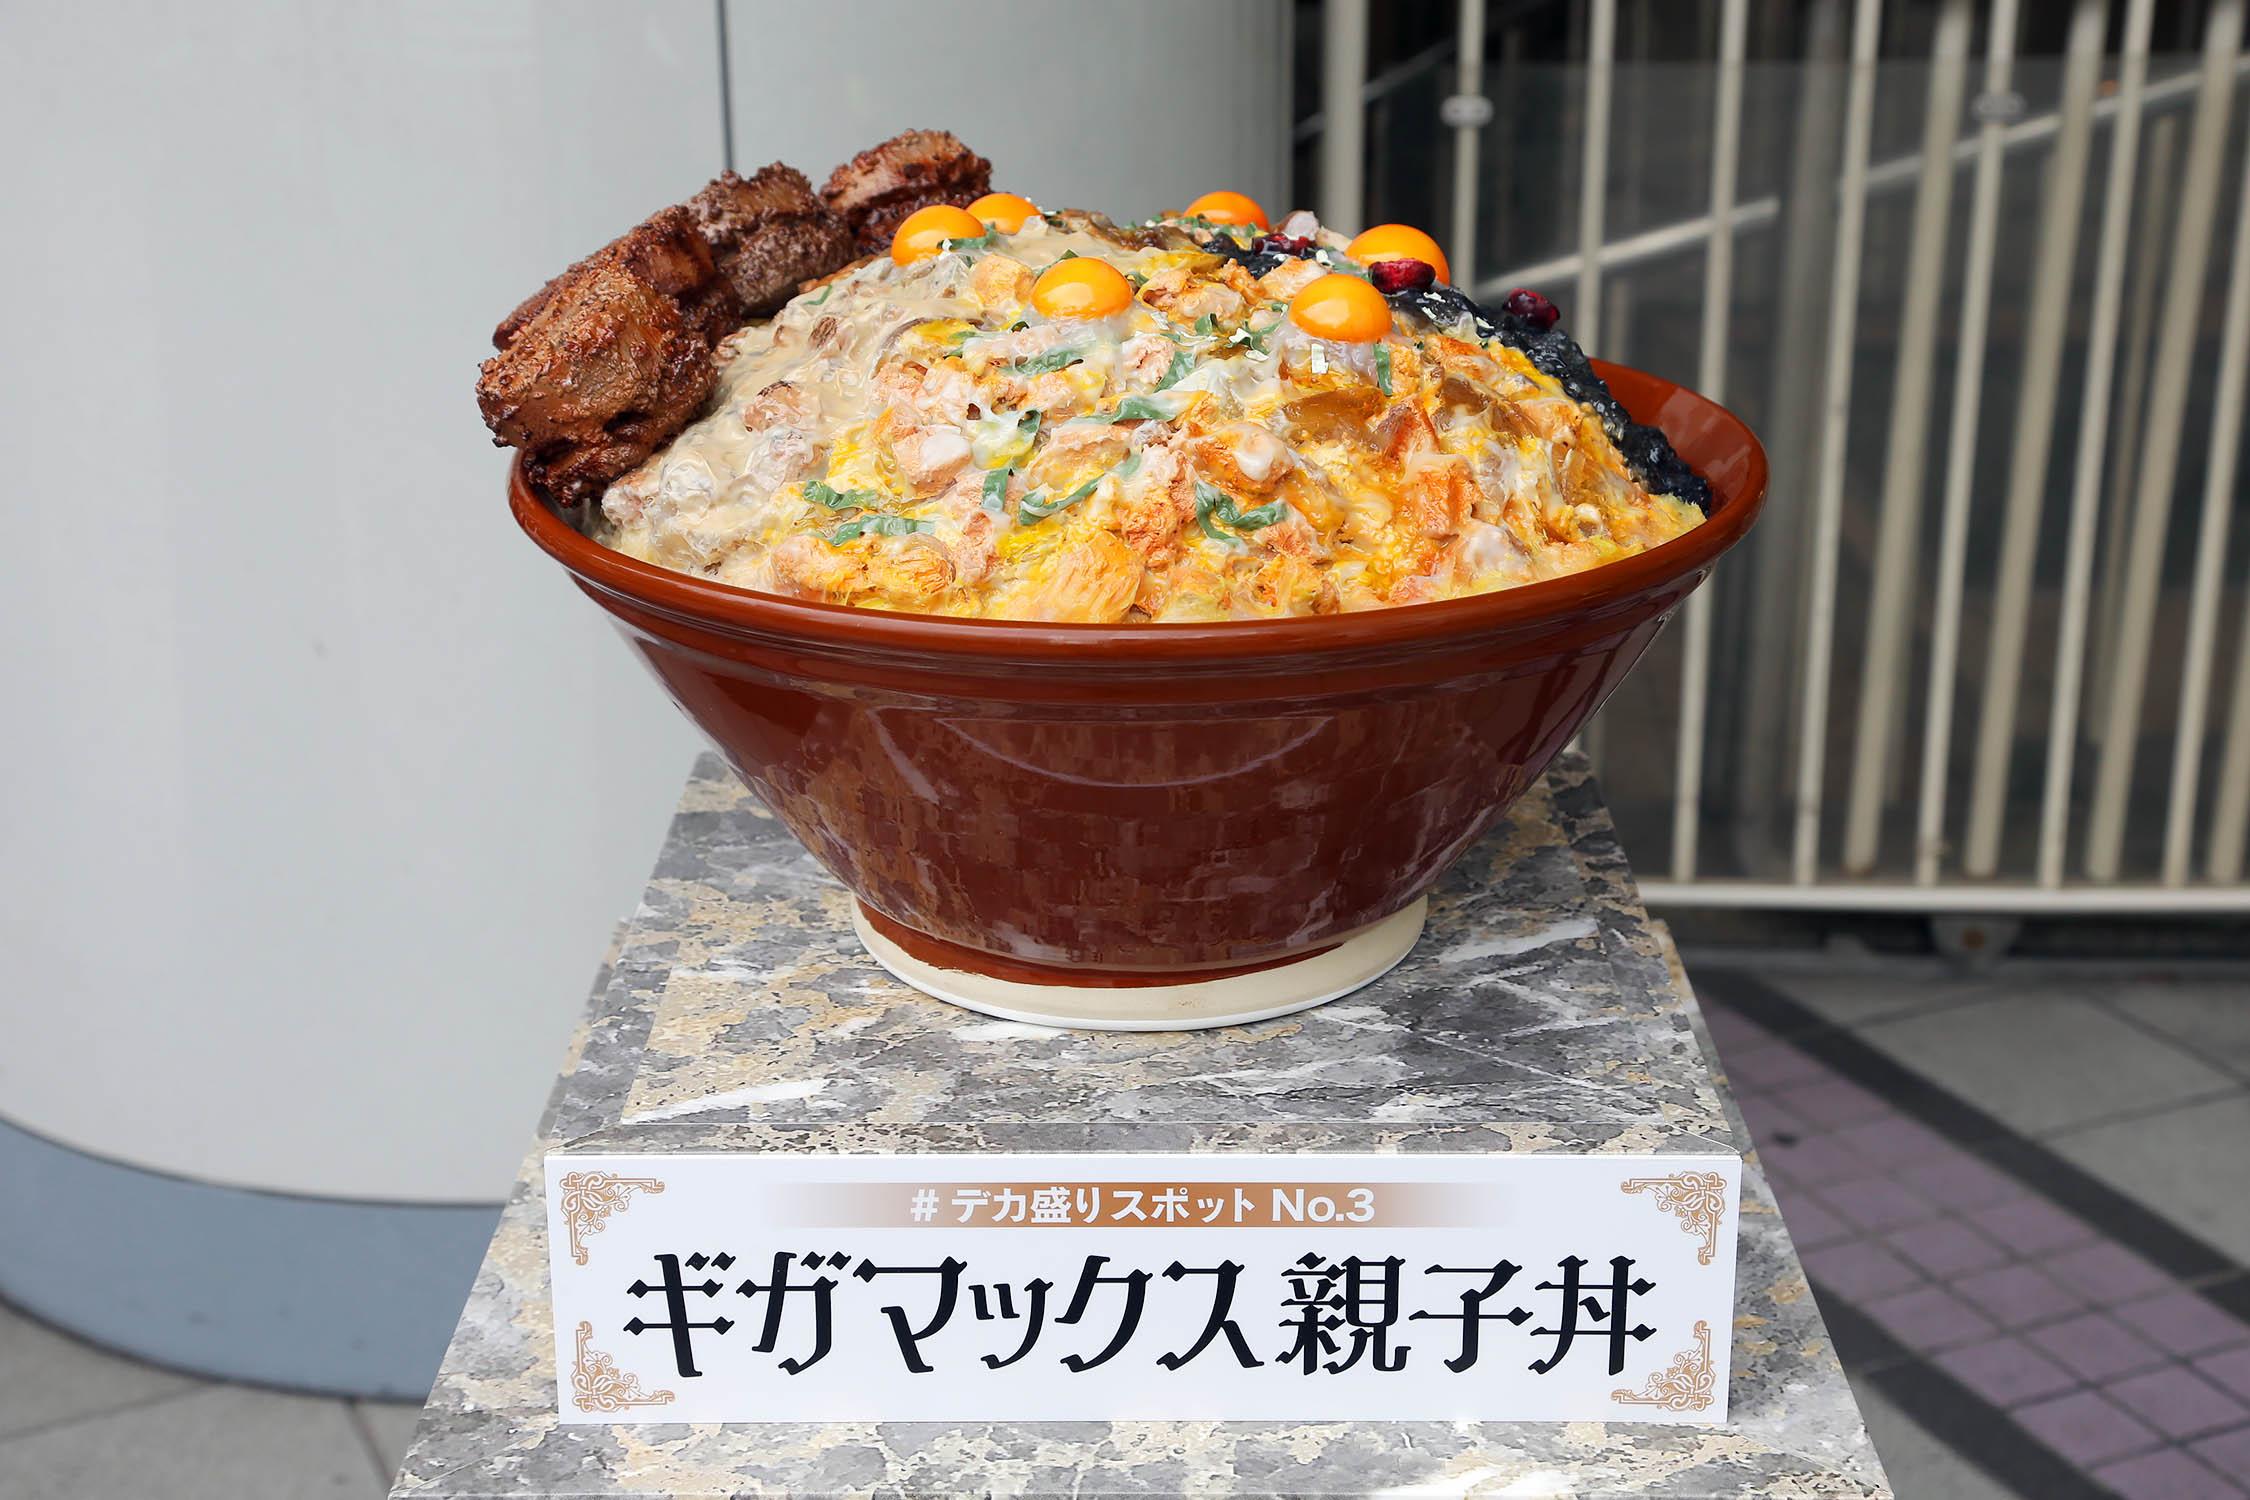 ギガマックス親子丼のレプリカ